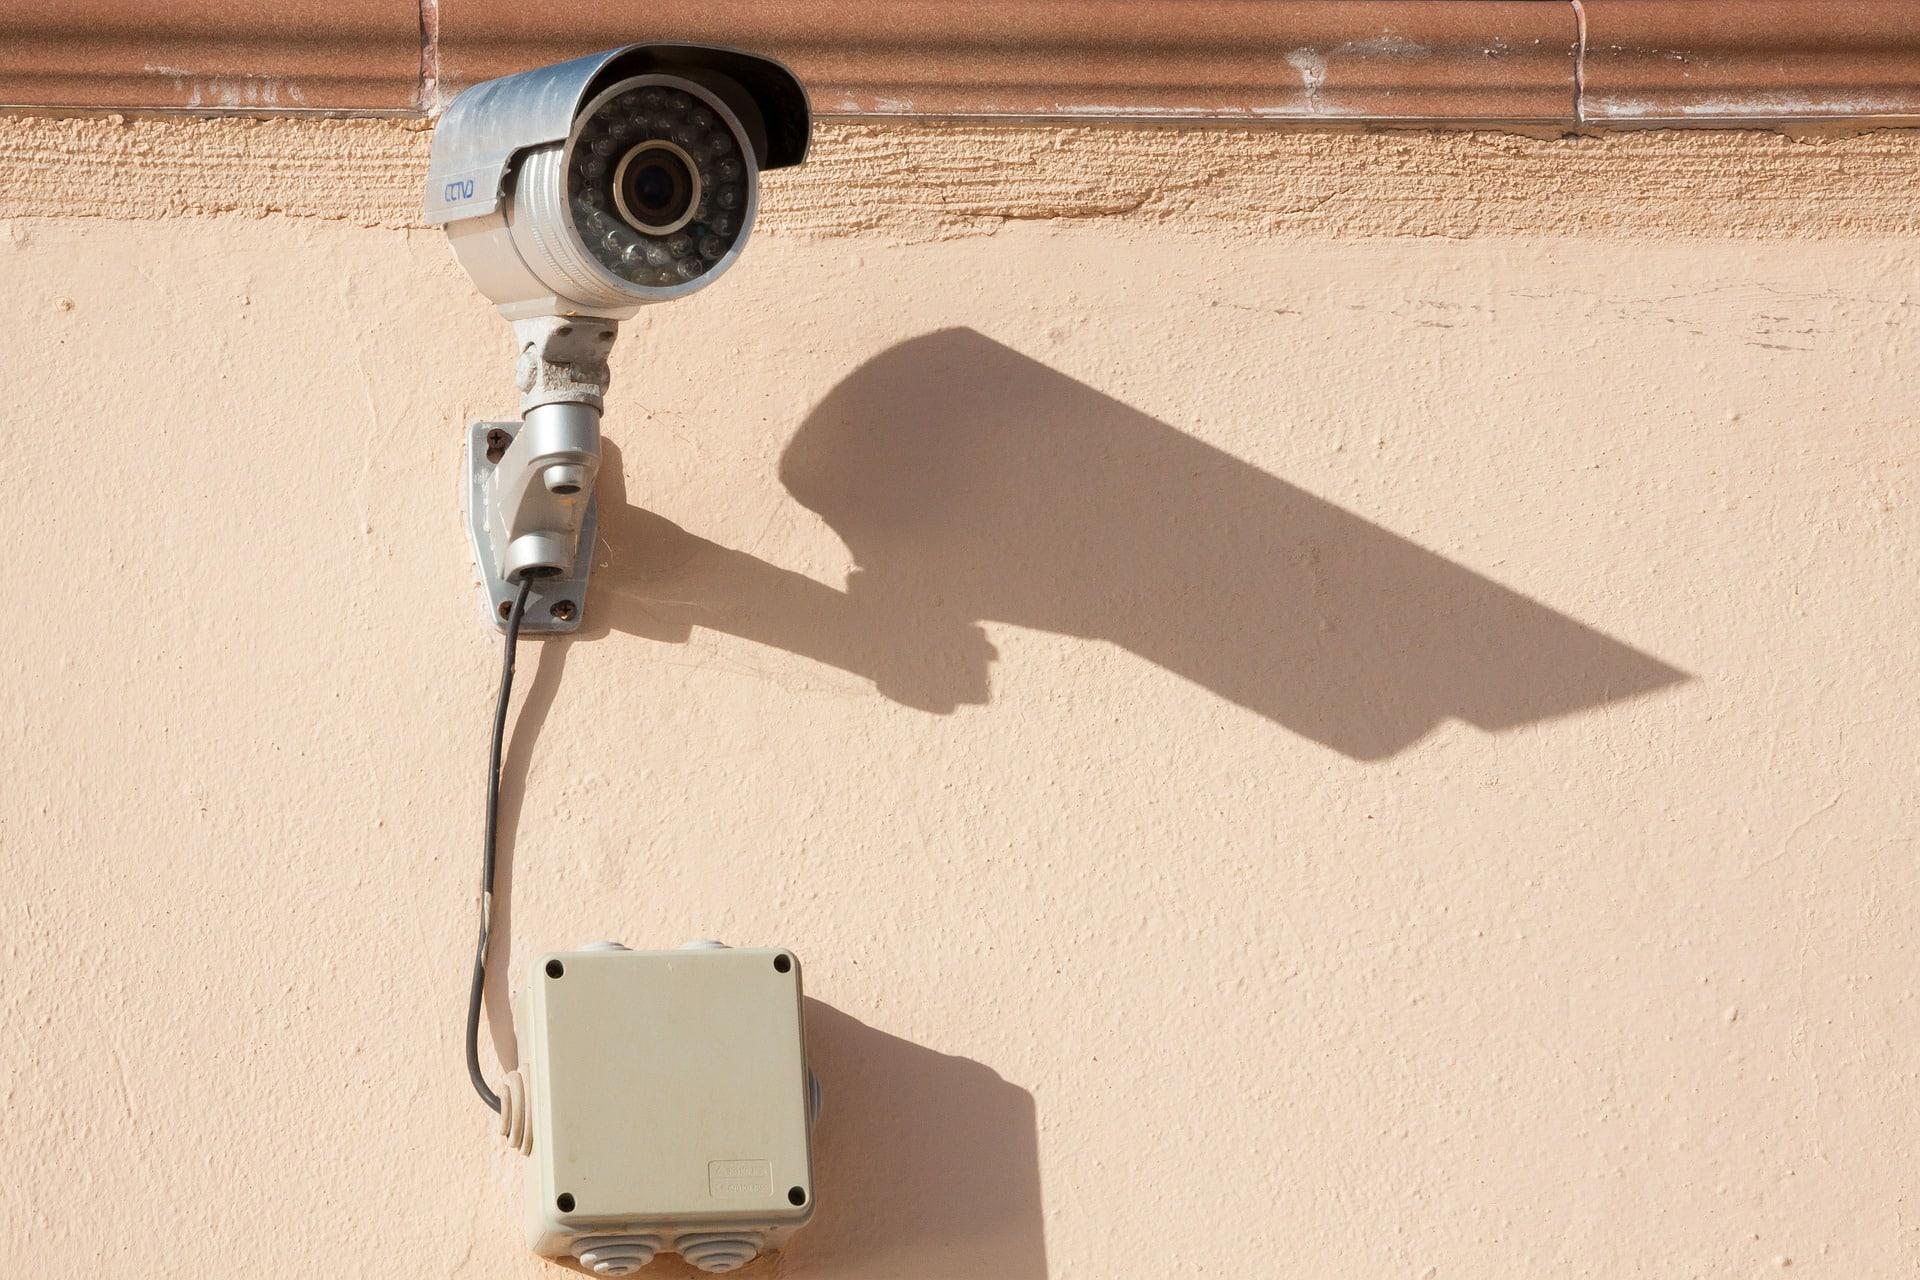 videosurveillance cannes